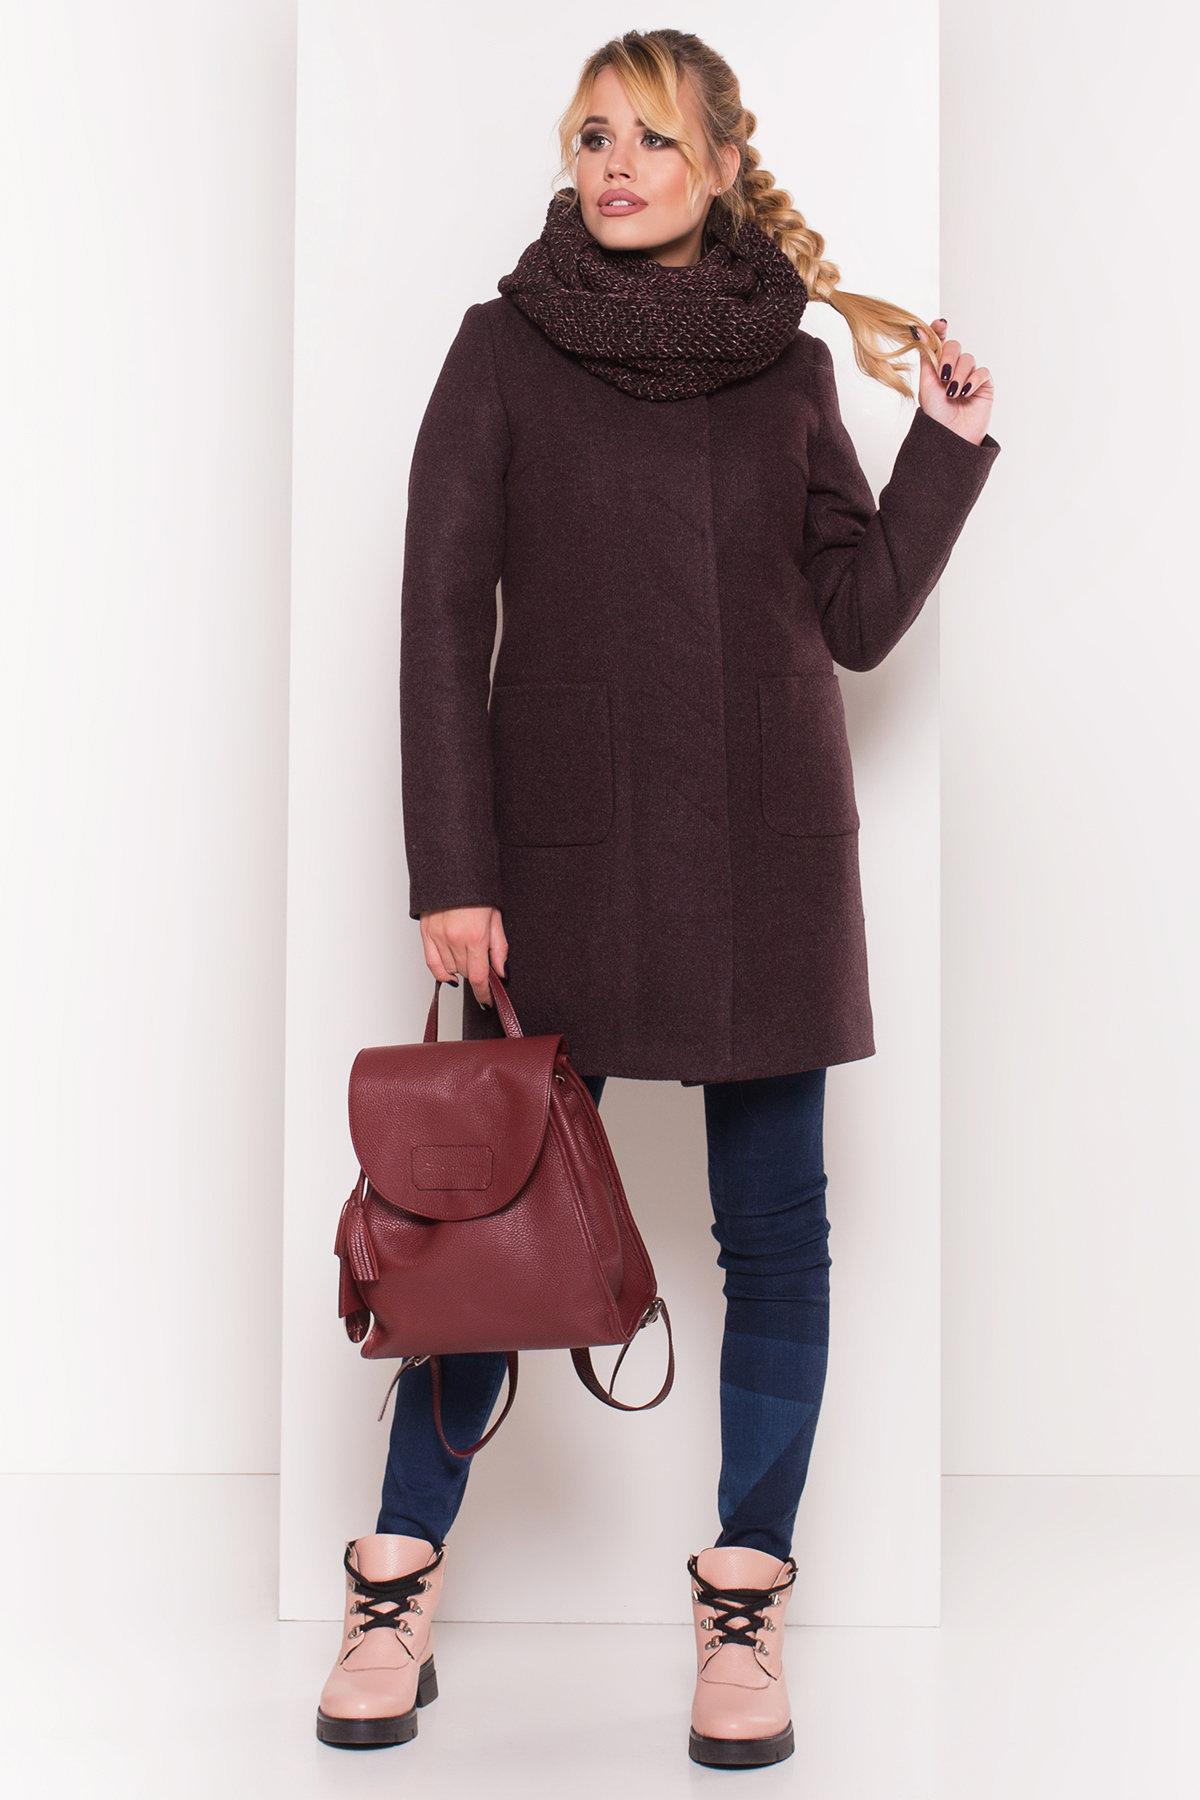 Зимнее пальто молодежное Пальто зима с хомутом Мелини 5644